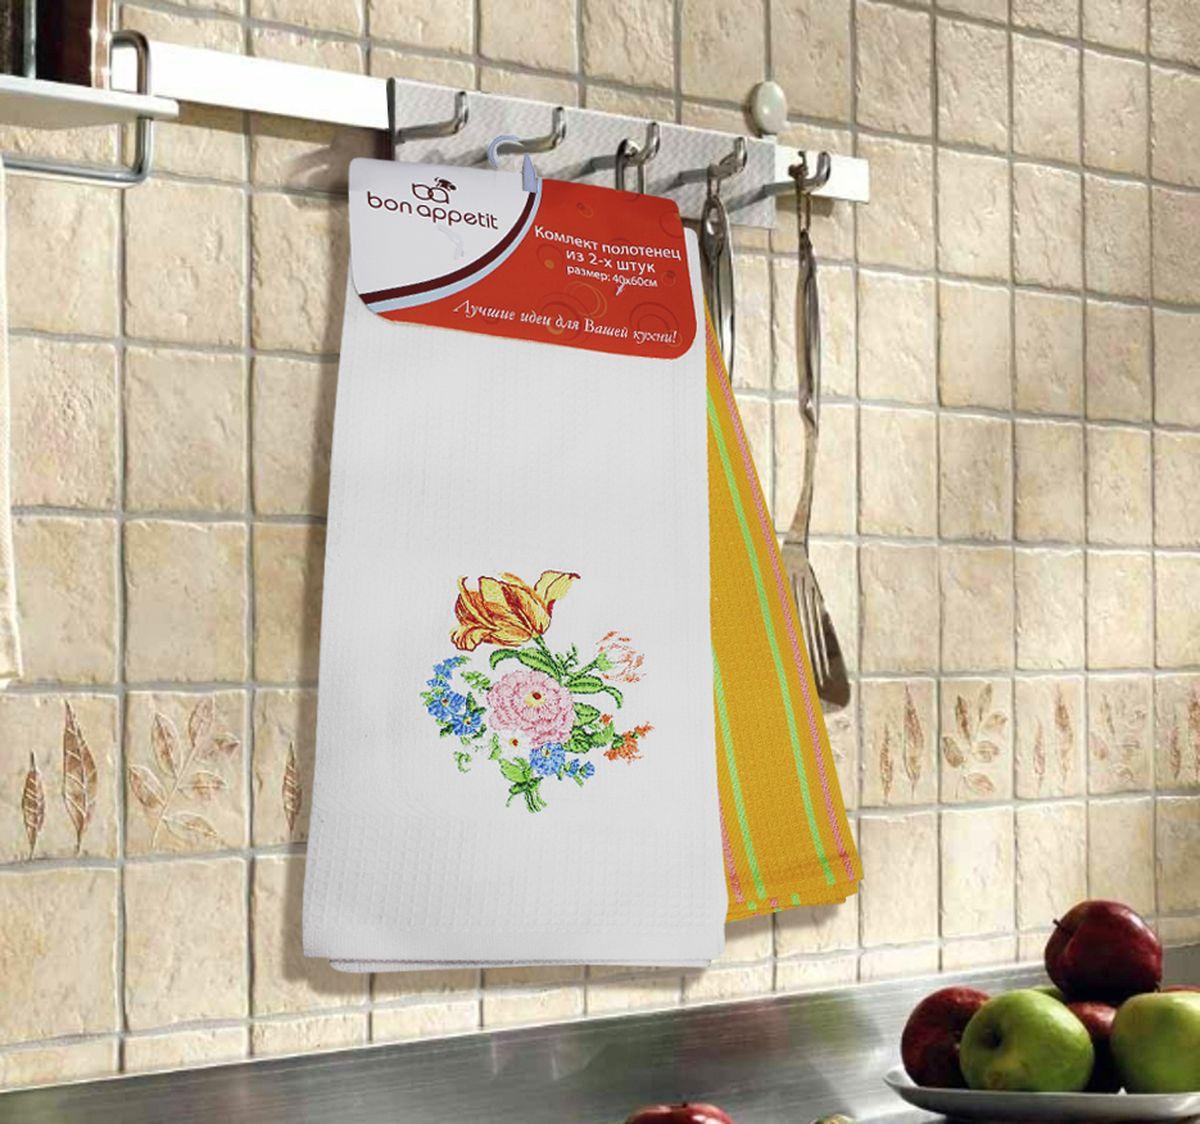 Набор кухонных полотенец Bon Appetit Peony, цвет: белый, желтый, 2 штCLP446Кухонные Полотенца Bon Appetit - В помощь хозяйке на кухне!!! Кухонные Полотенца Bon Appetit идеально дополнят интерьер вашей кухни и создадут атмосферу уюта и комфорта. Полотенца выполнены из натурального 100% Хлопка, поэтому являются экологически чистыми. Качество материала гарантирует безопасность не только взрослых, но и самых маленьких членов семьи.Bon Appetit – Интерьер и Практичность Современной Кухни!